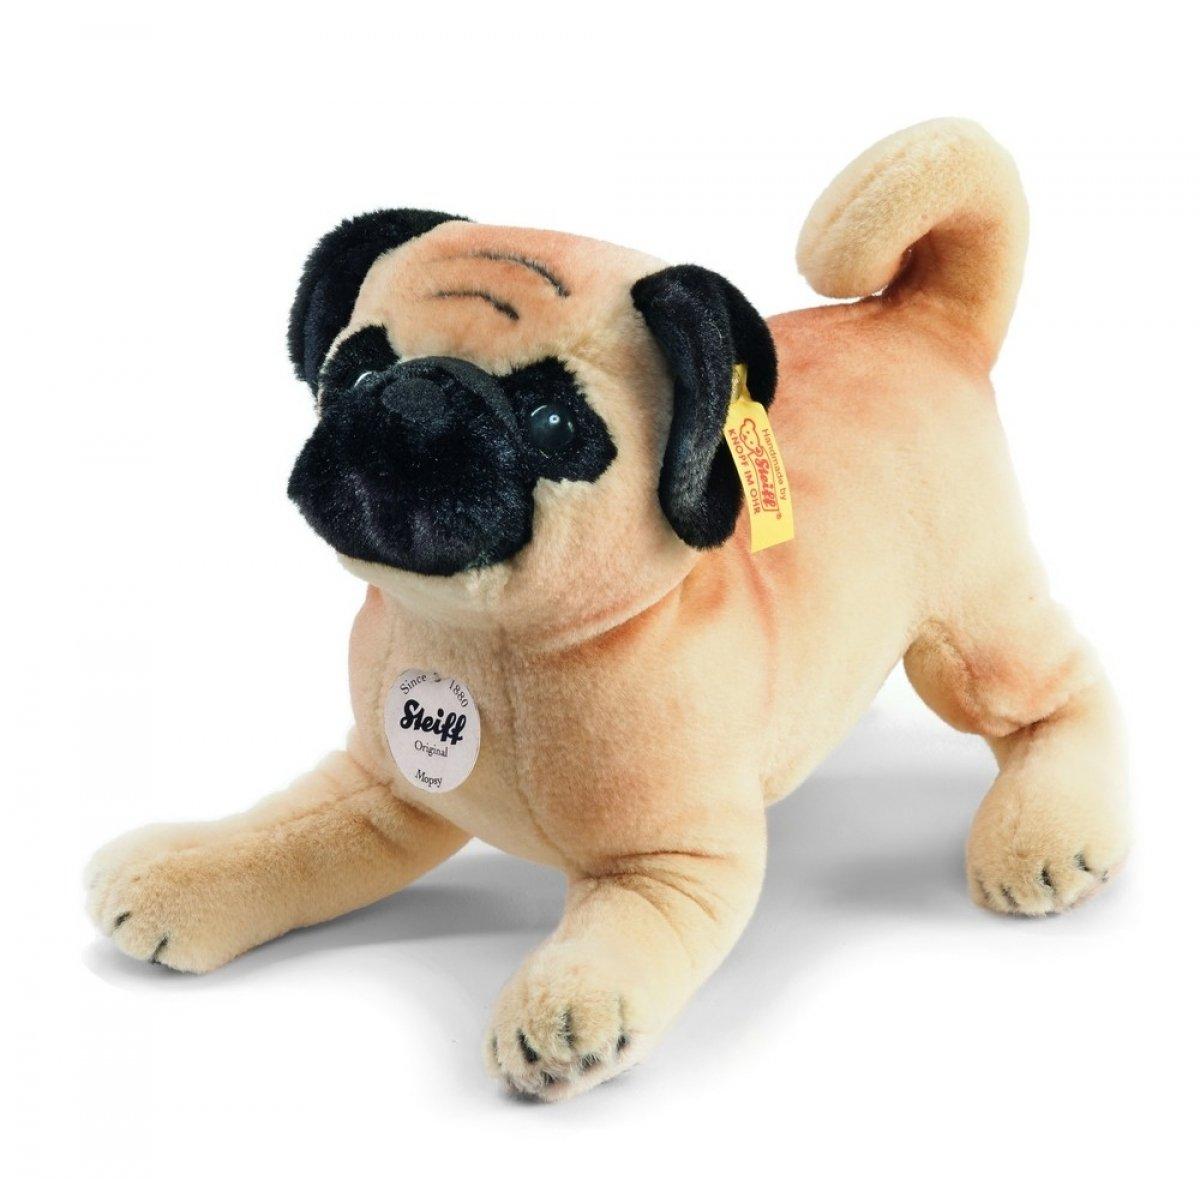 tienda de ventas outlet Steiff 077012 Mopsy Mops - Perro carlino de peluche peluche peluche (25 cm)  orden ahora disfrutar de gran descuento